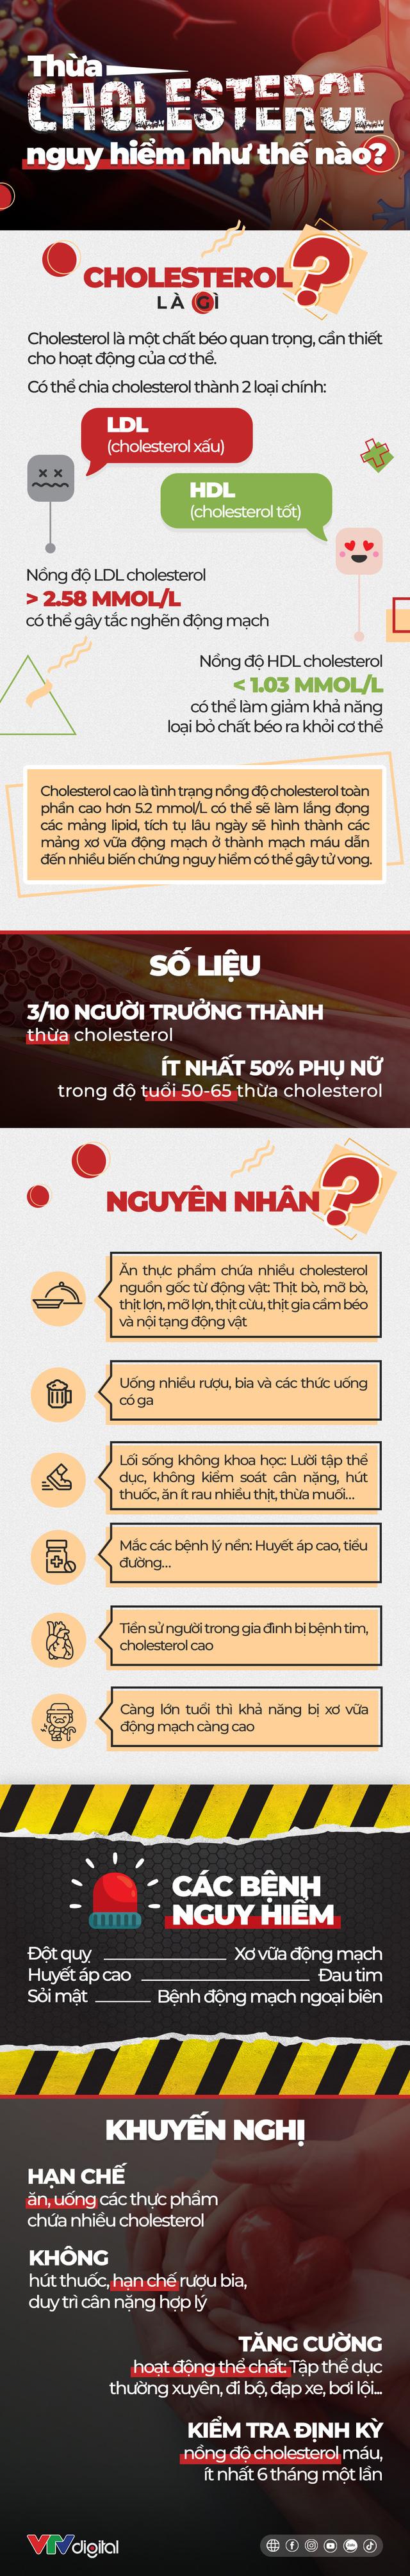 [INFOGRAPHIC] Thừa cholesterol nguy hiểm như thế nào? - Ảnh 1.